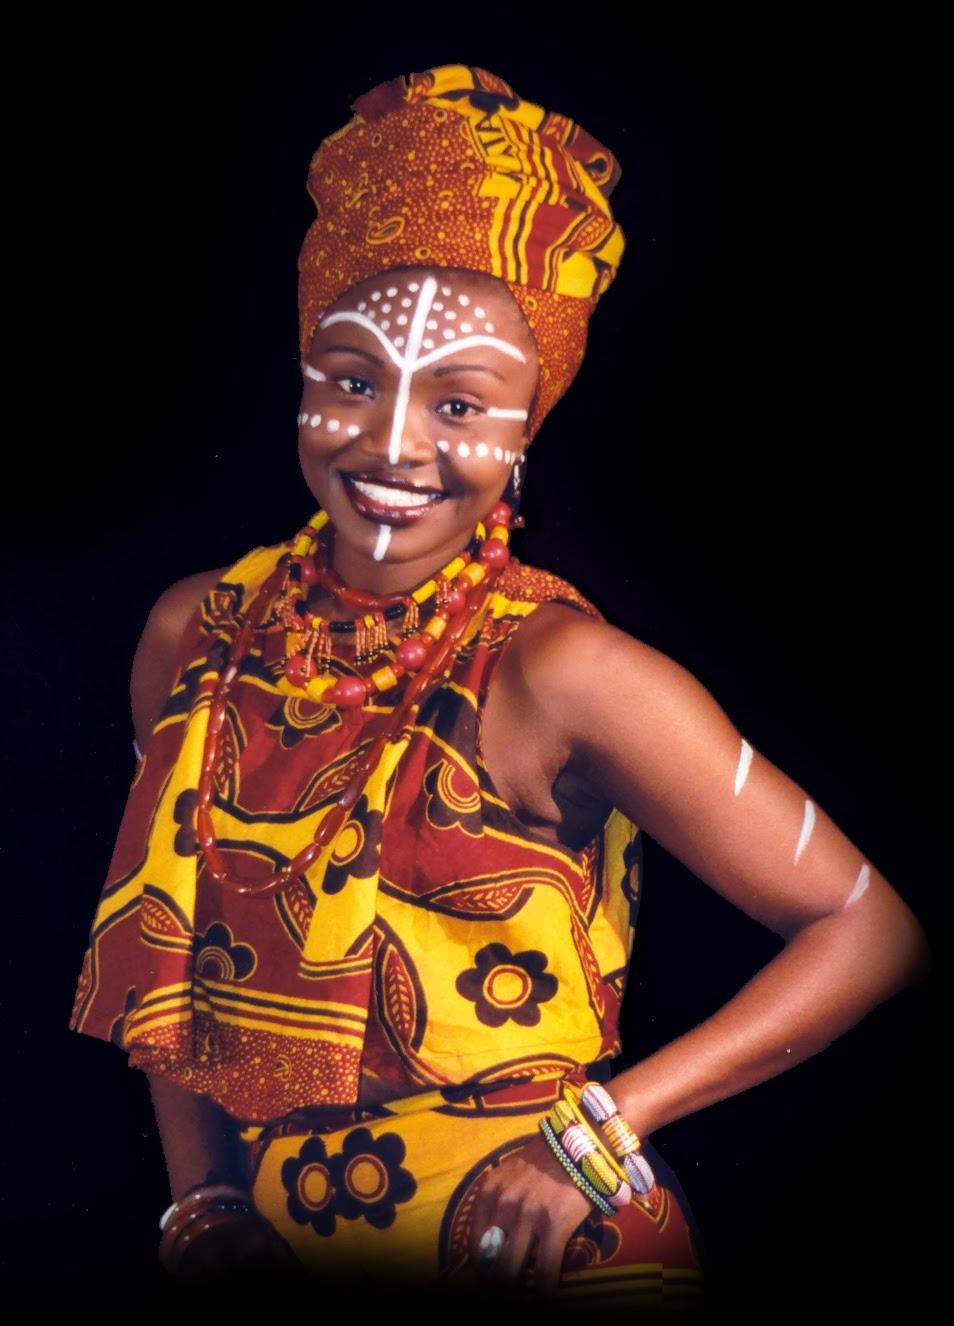 Men seeking east african women